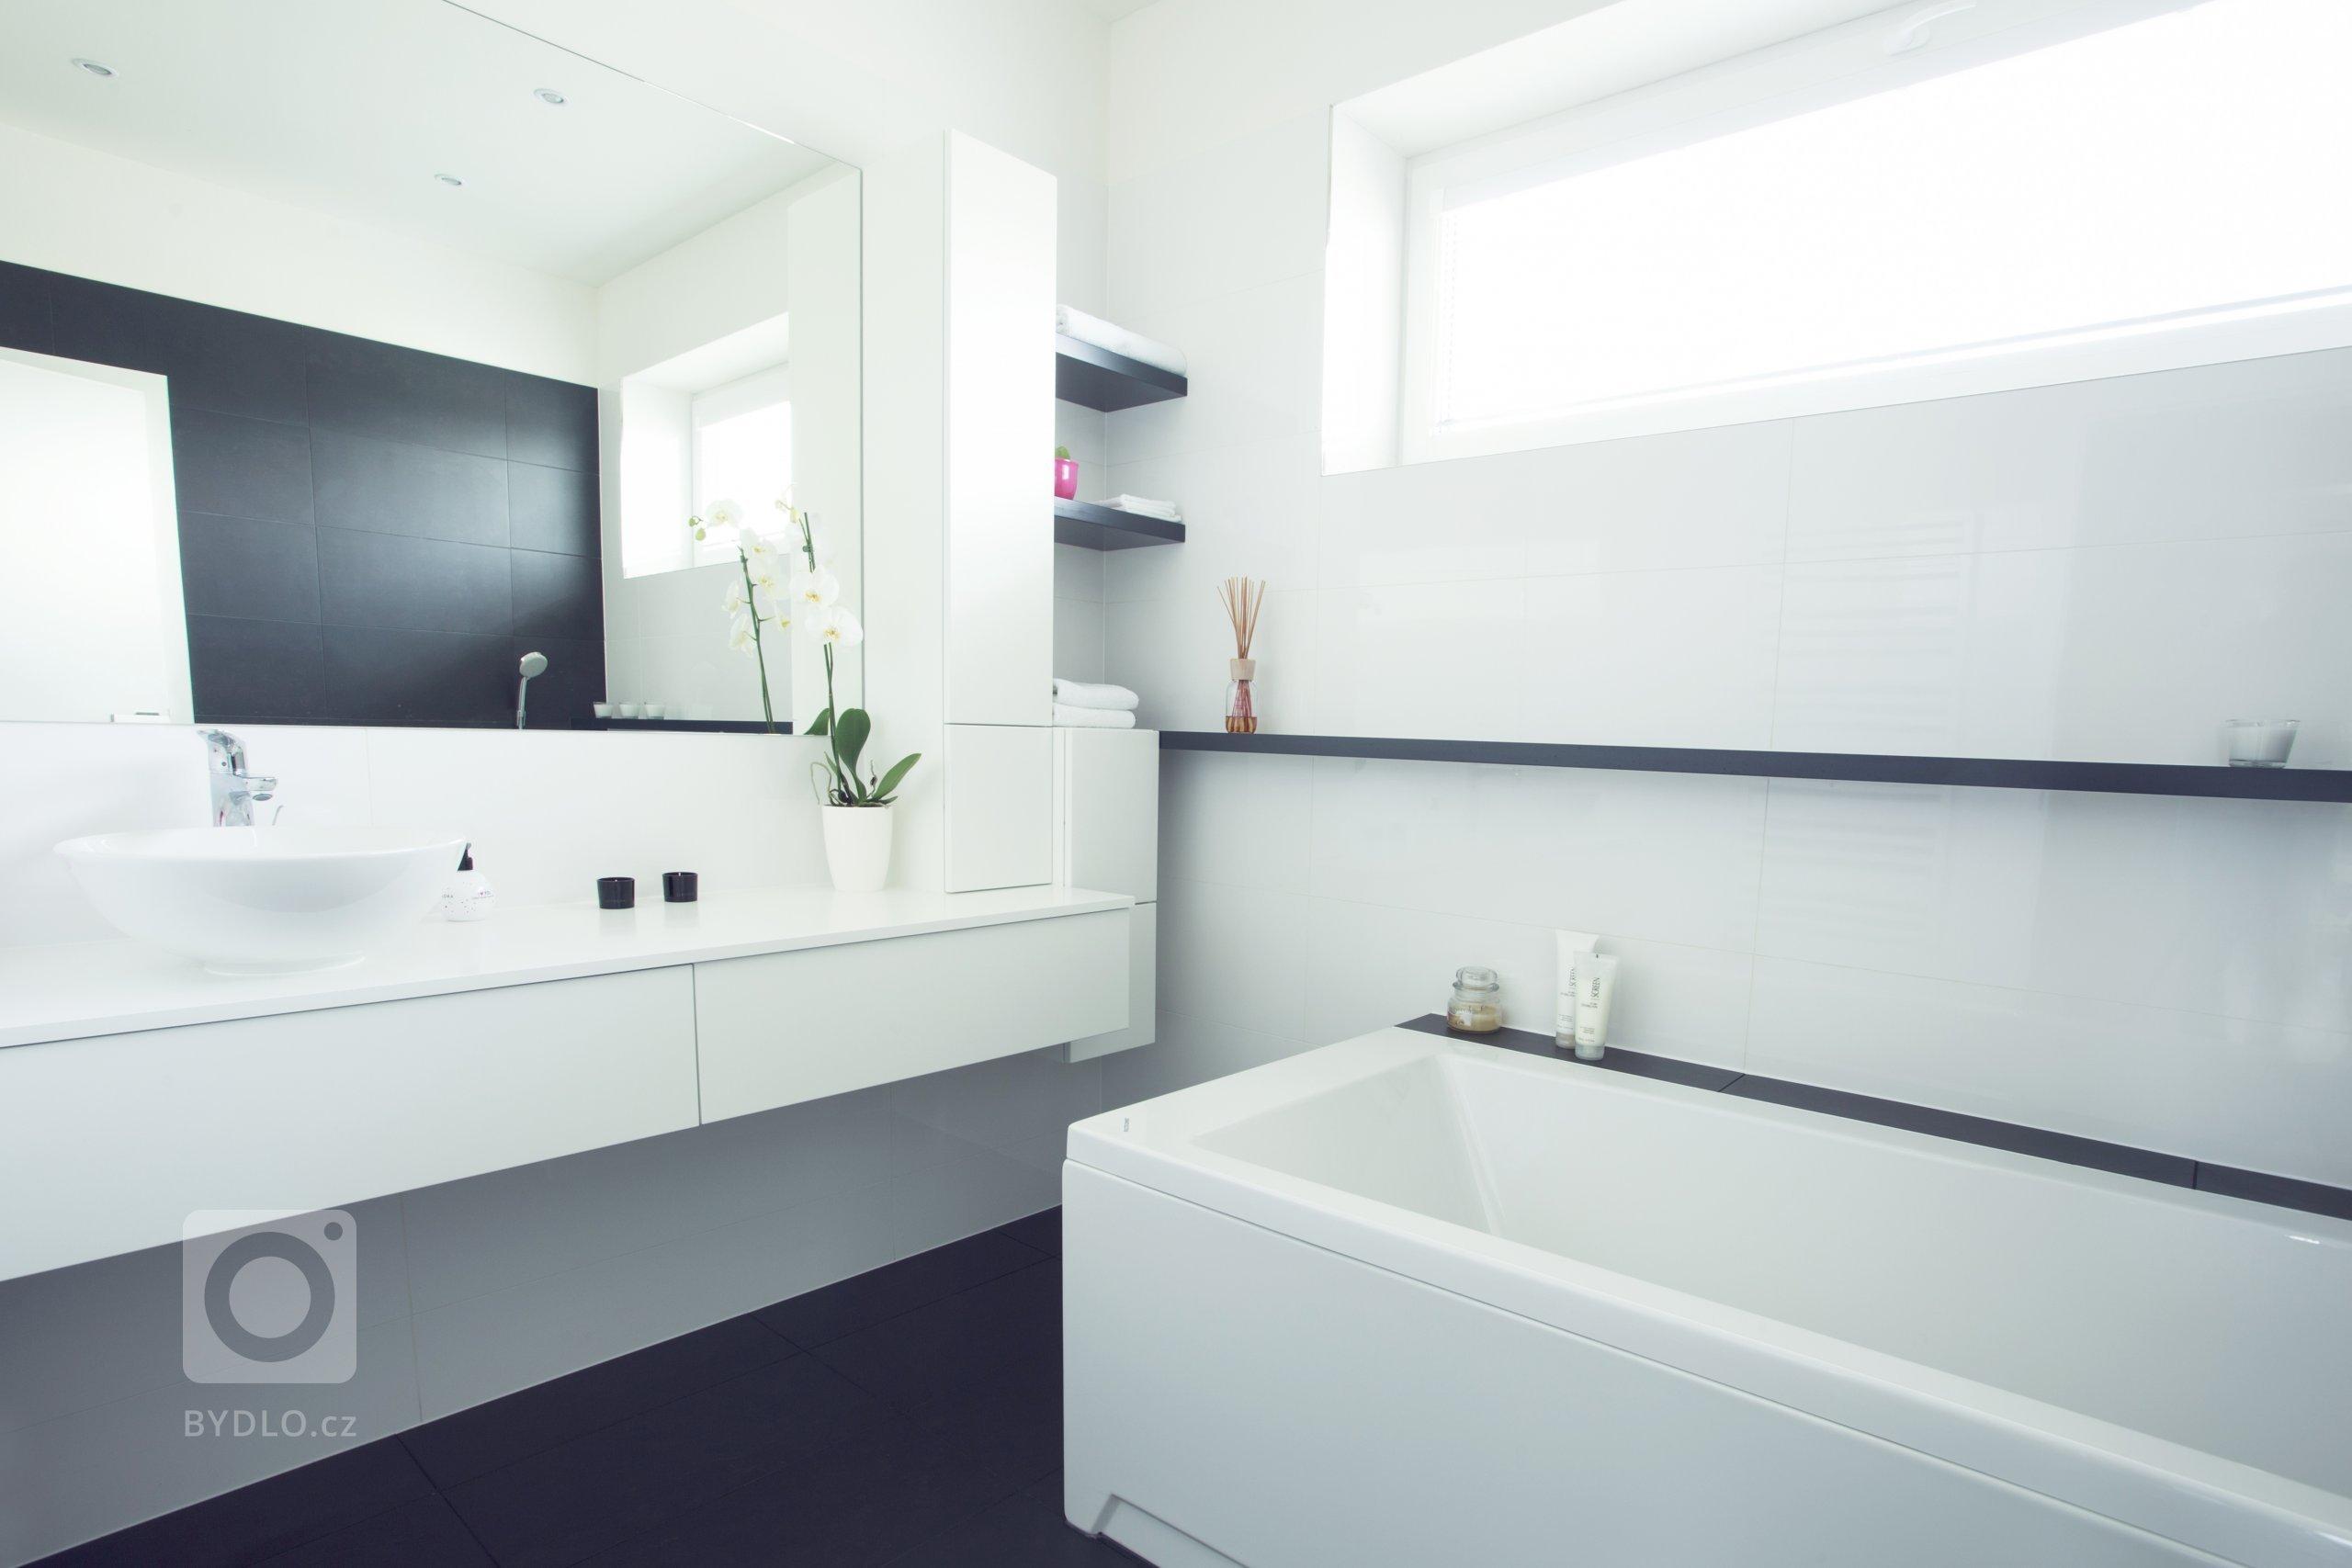 Dobře promyšlená barevná koncepce je základem zdařile pojatého interiéru. Požadavkem klienty bylo využití bílé barvy, která byt opticky zvětšuje a prosvětluje.…